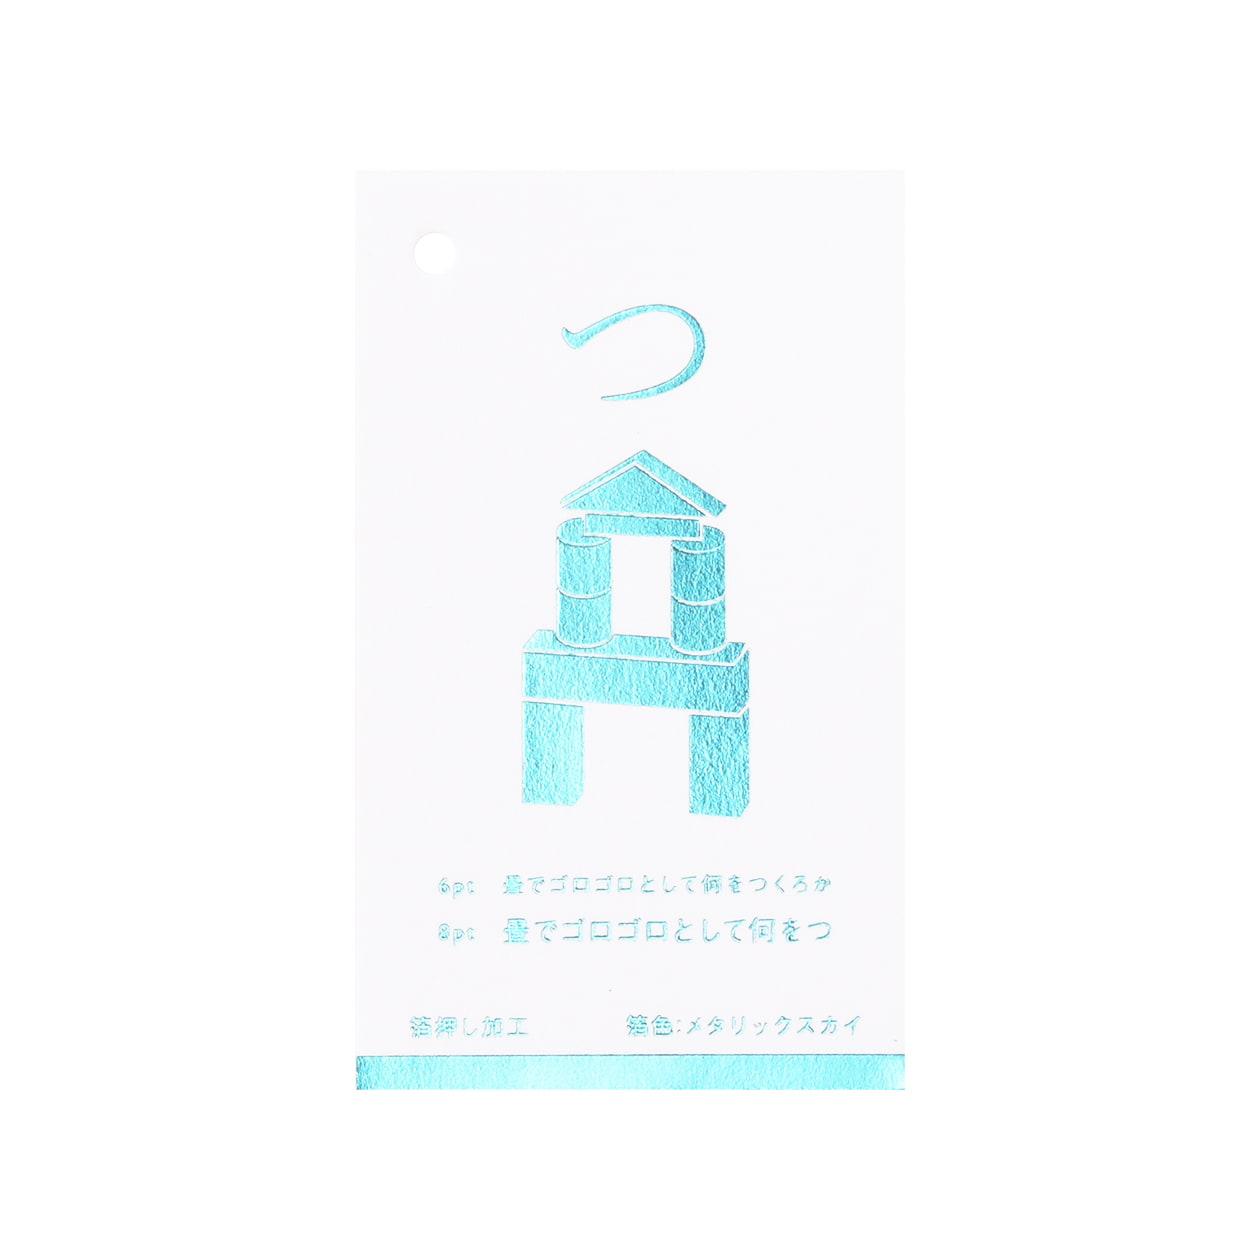 箔色見本 00200 メタリックスカイ箔 コットンスノーホワイト 232.8g